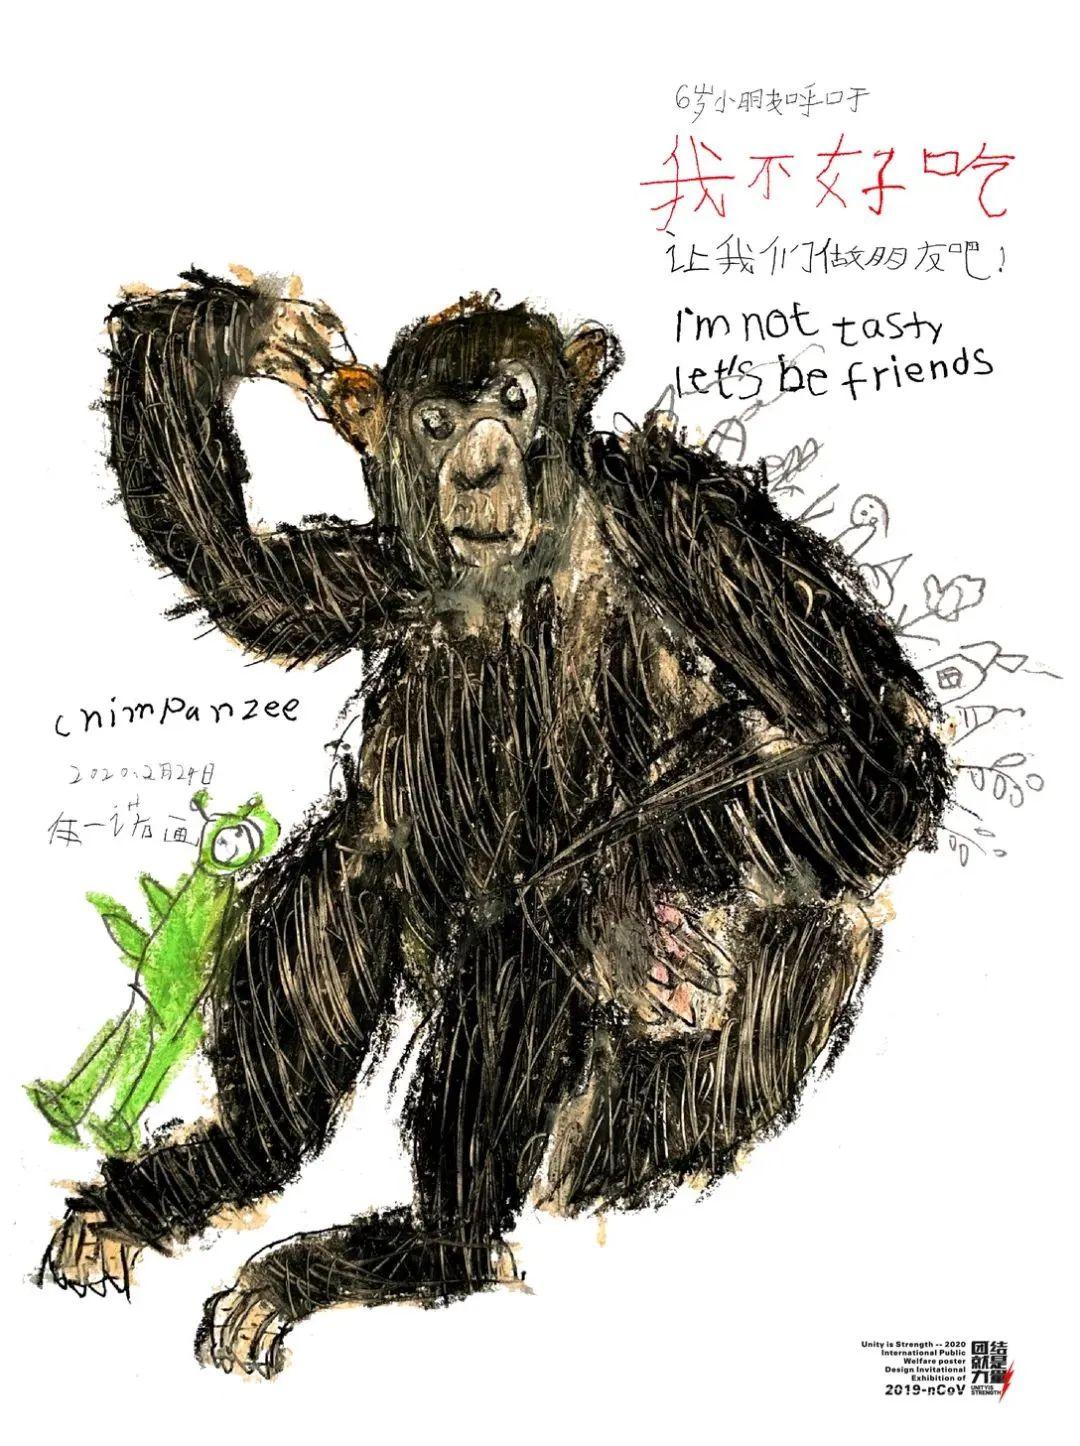 6岁蒙古族小设计师用插画拯救野生动物,为抗疫助力! 第39张